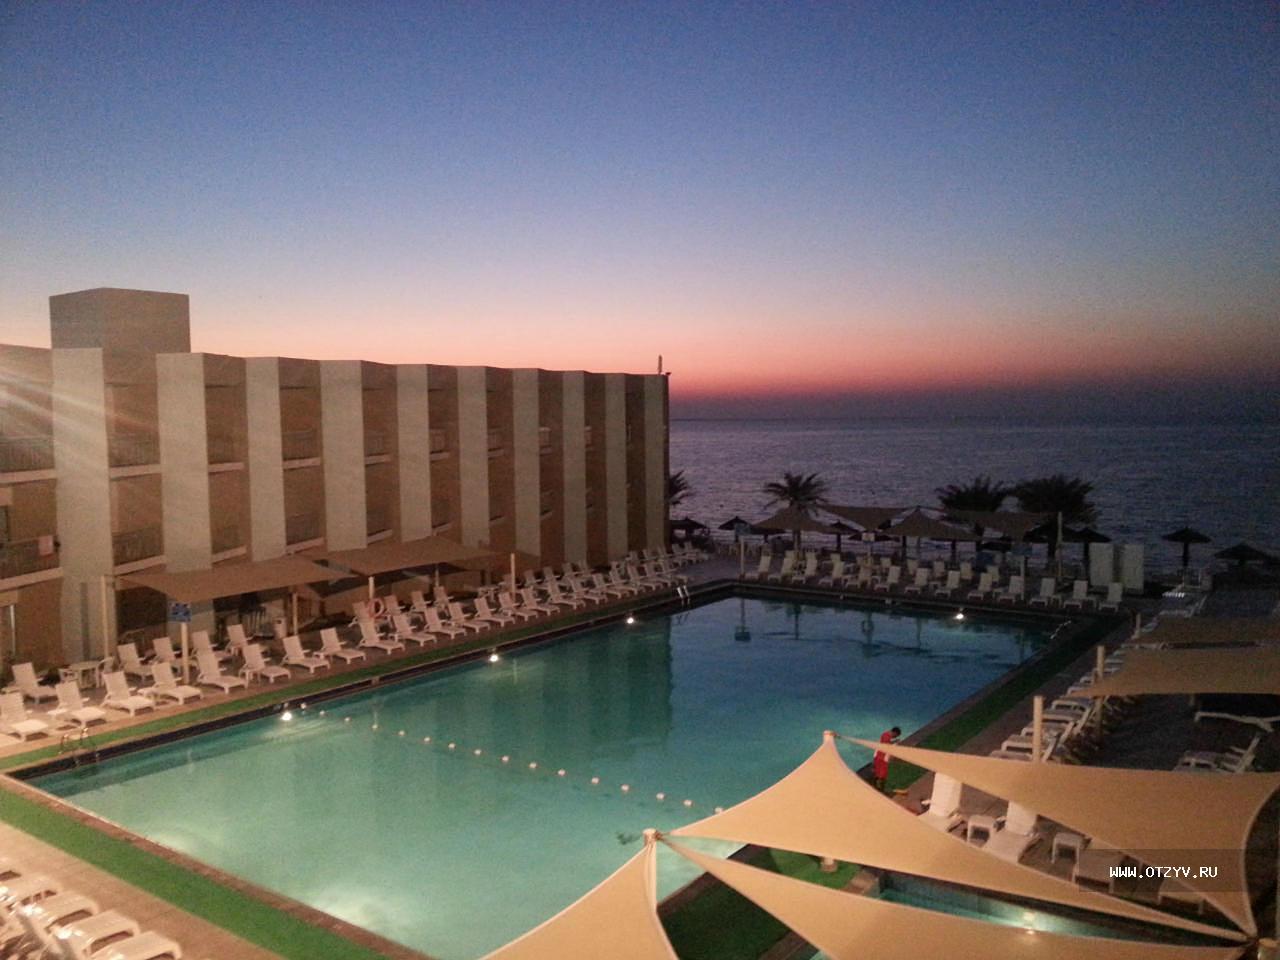 Гедонизм отель на ямайке фото туристов вид встречается